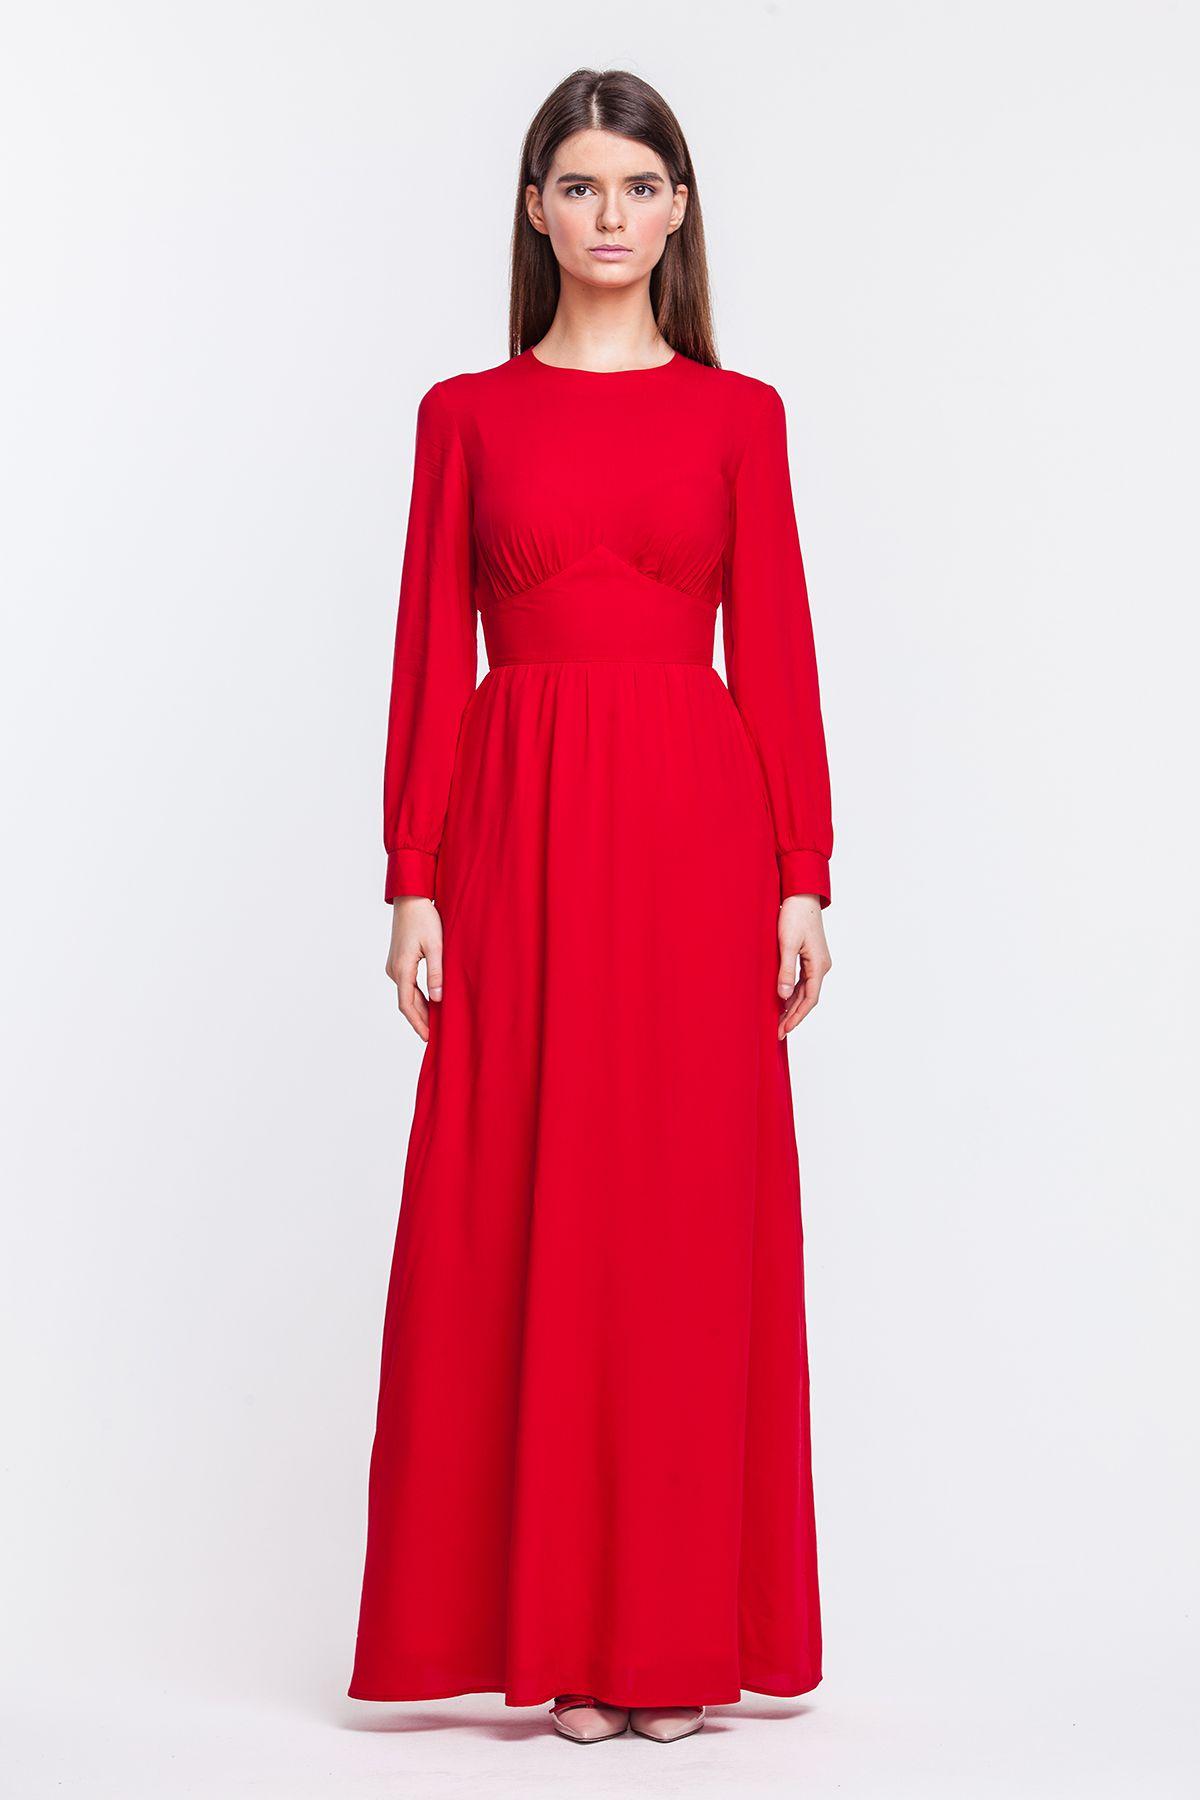 купить платье фирмы шиго в интернет магазине